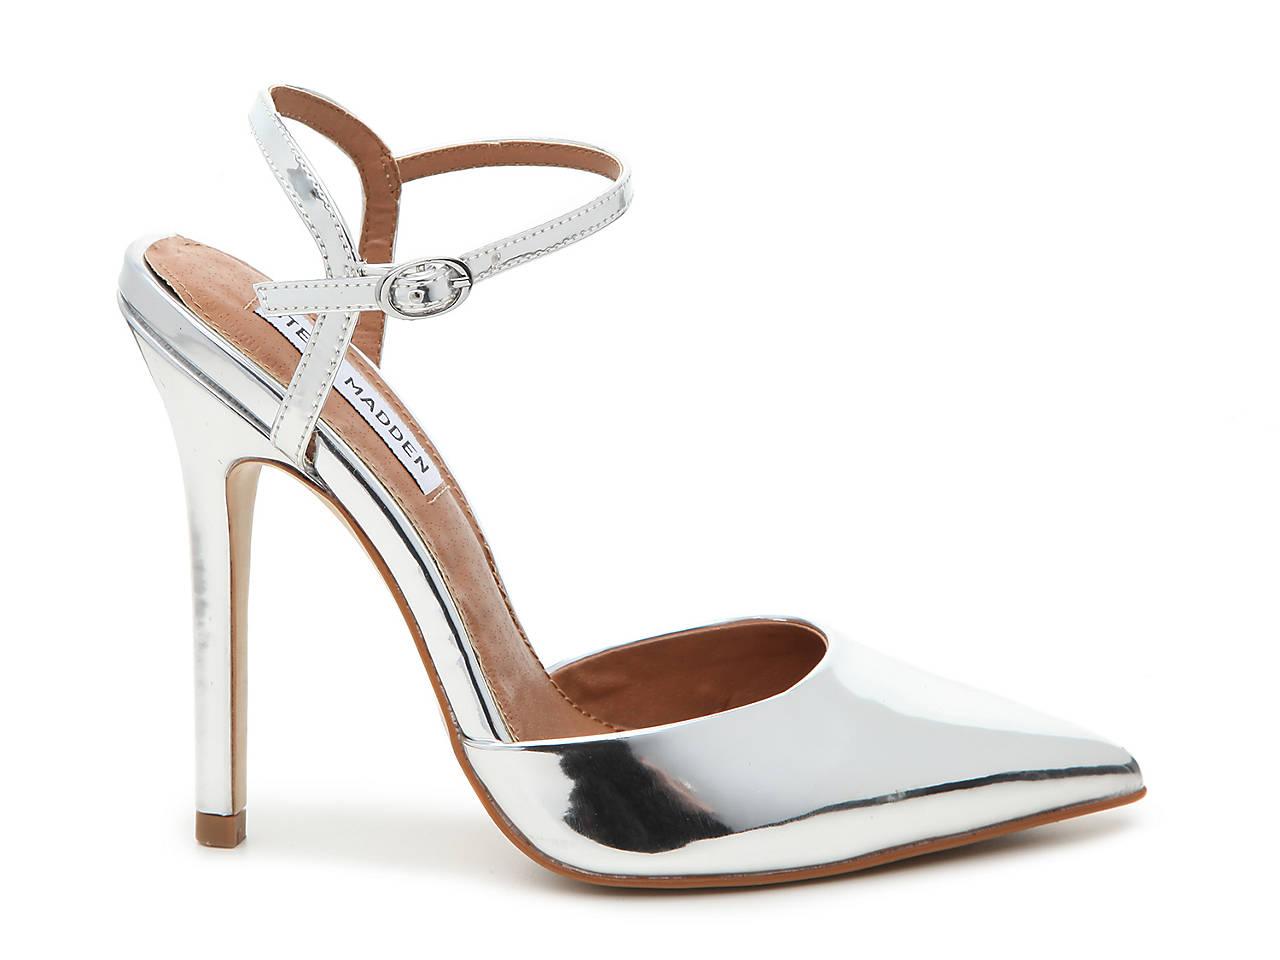 9f2905fd8af Steve Madden Pizzel Pump Men s Shoes